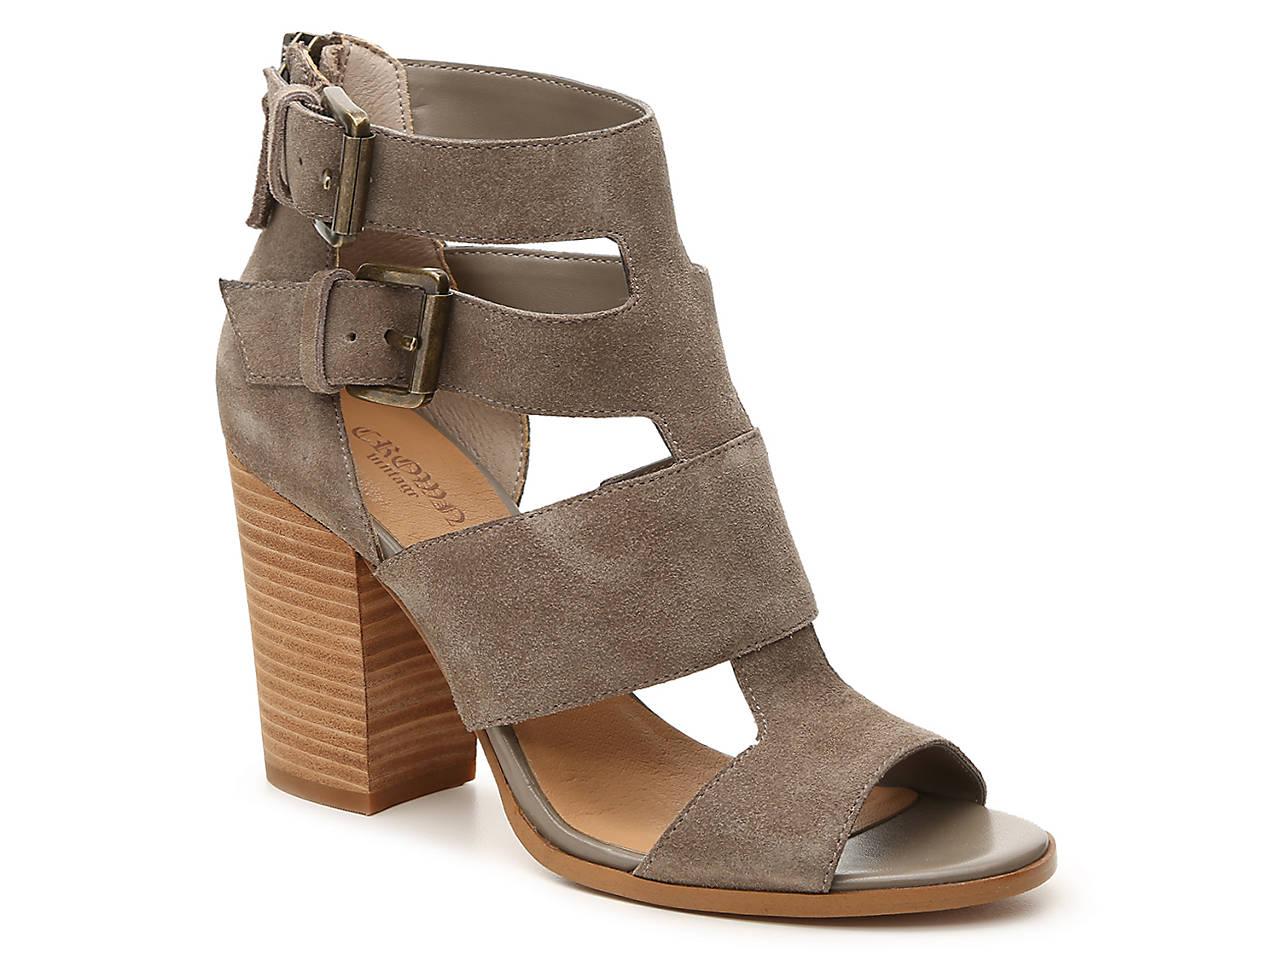 0bdd7fedd5e Crown Vintage Mira Gladiator Sandal Women s Shoes